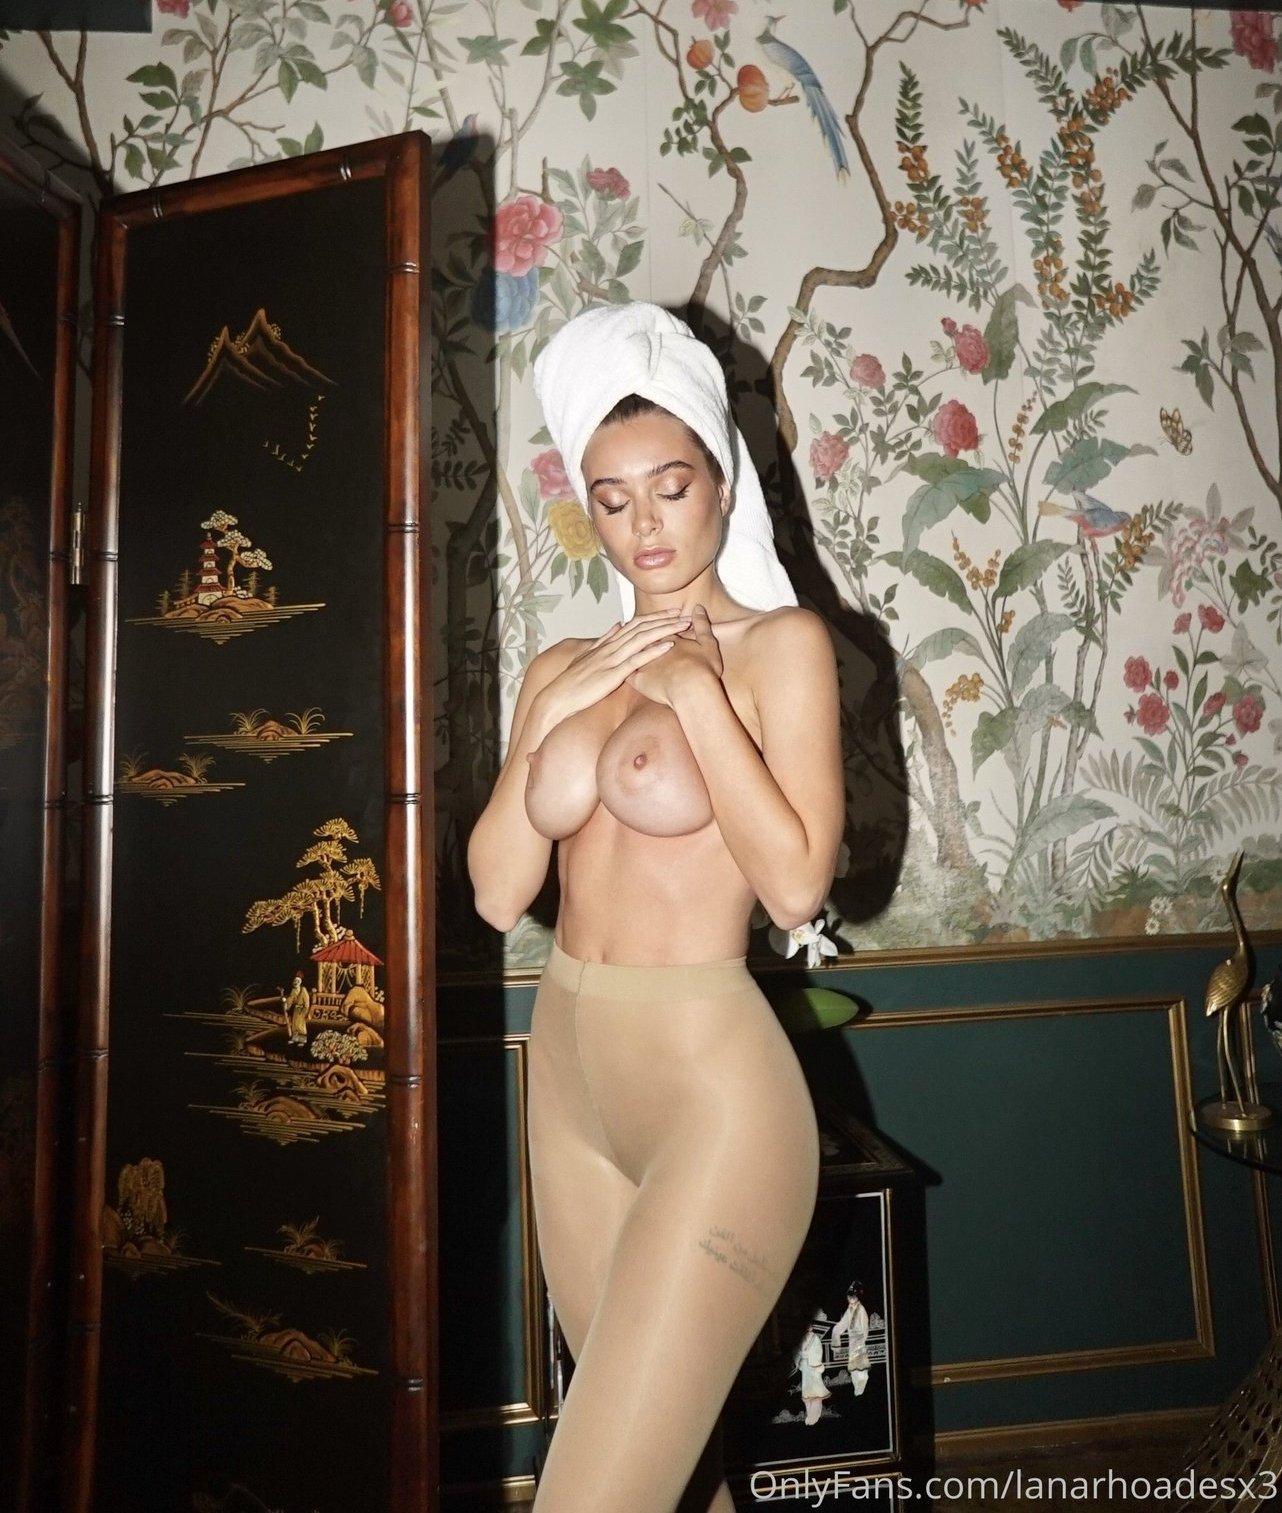 Lana Rhoades Lanarhoades Onlyfans Nude Leaks 0021